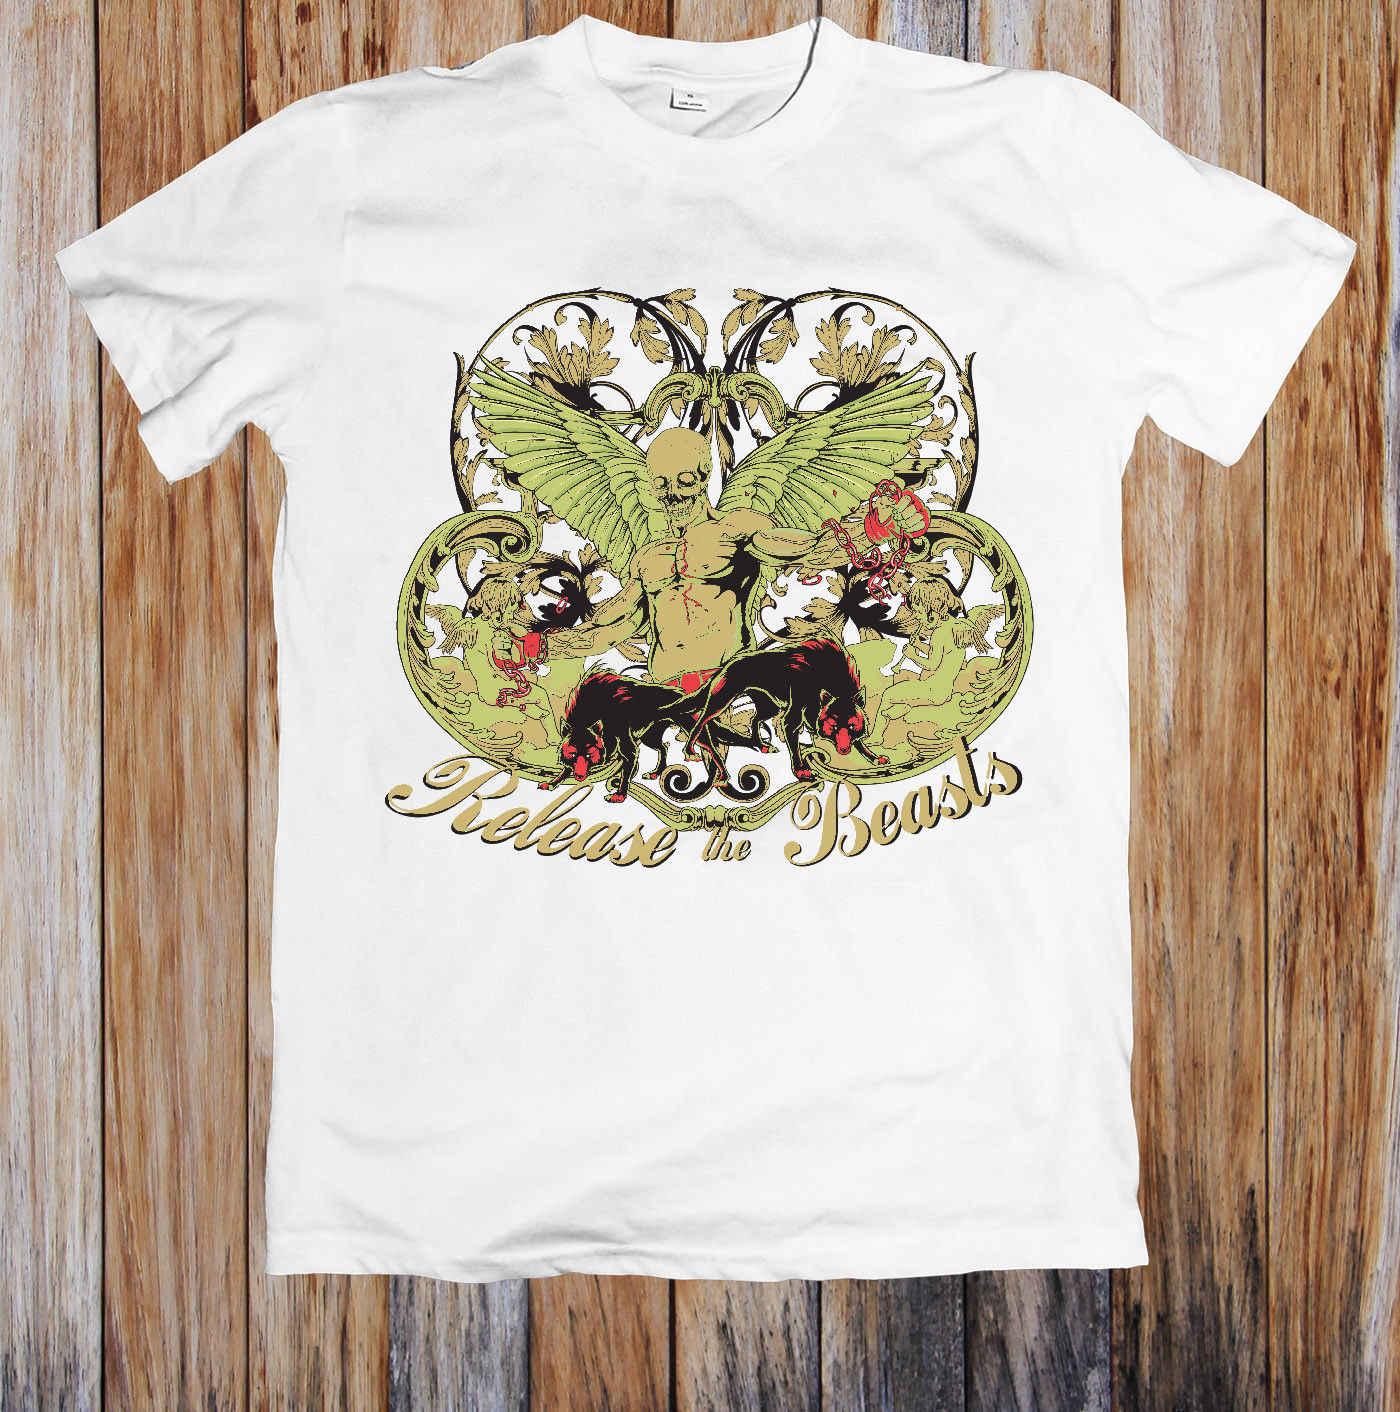 切腹リリース獣ユニセックス Tシャツスタイルラウンドスタイル tシャツ tシャツパーカーヒップホップ tシャツジャケットクロアチア革 tシャツ